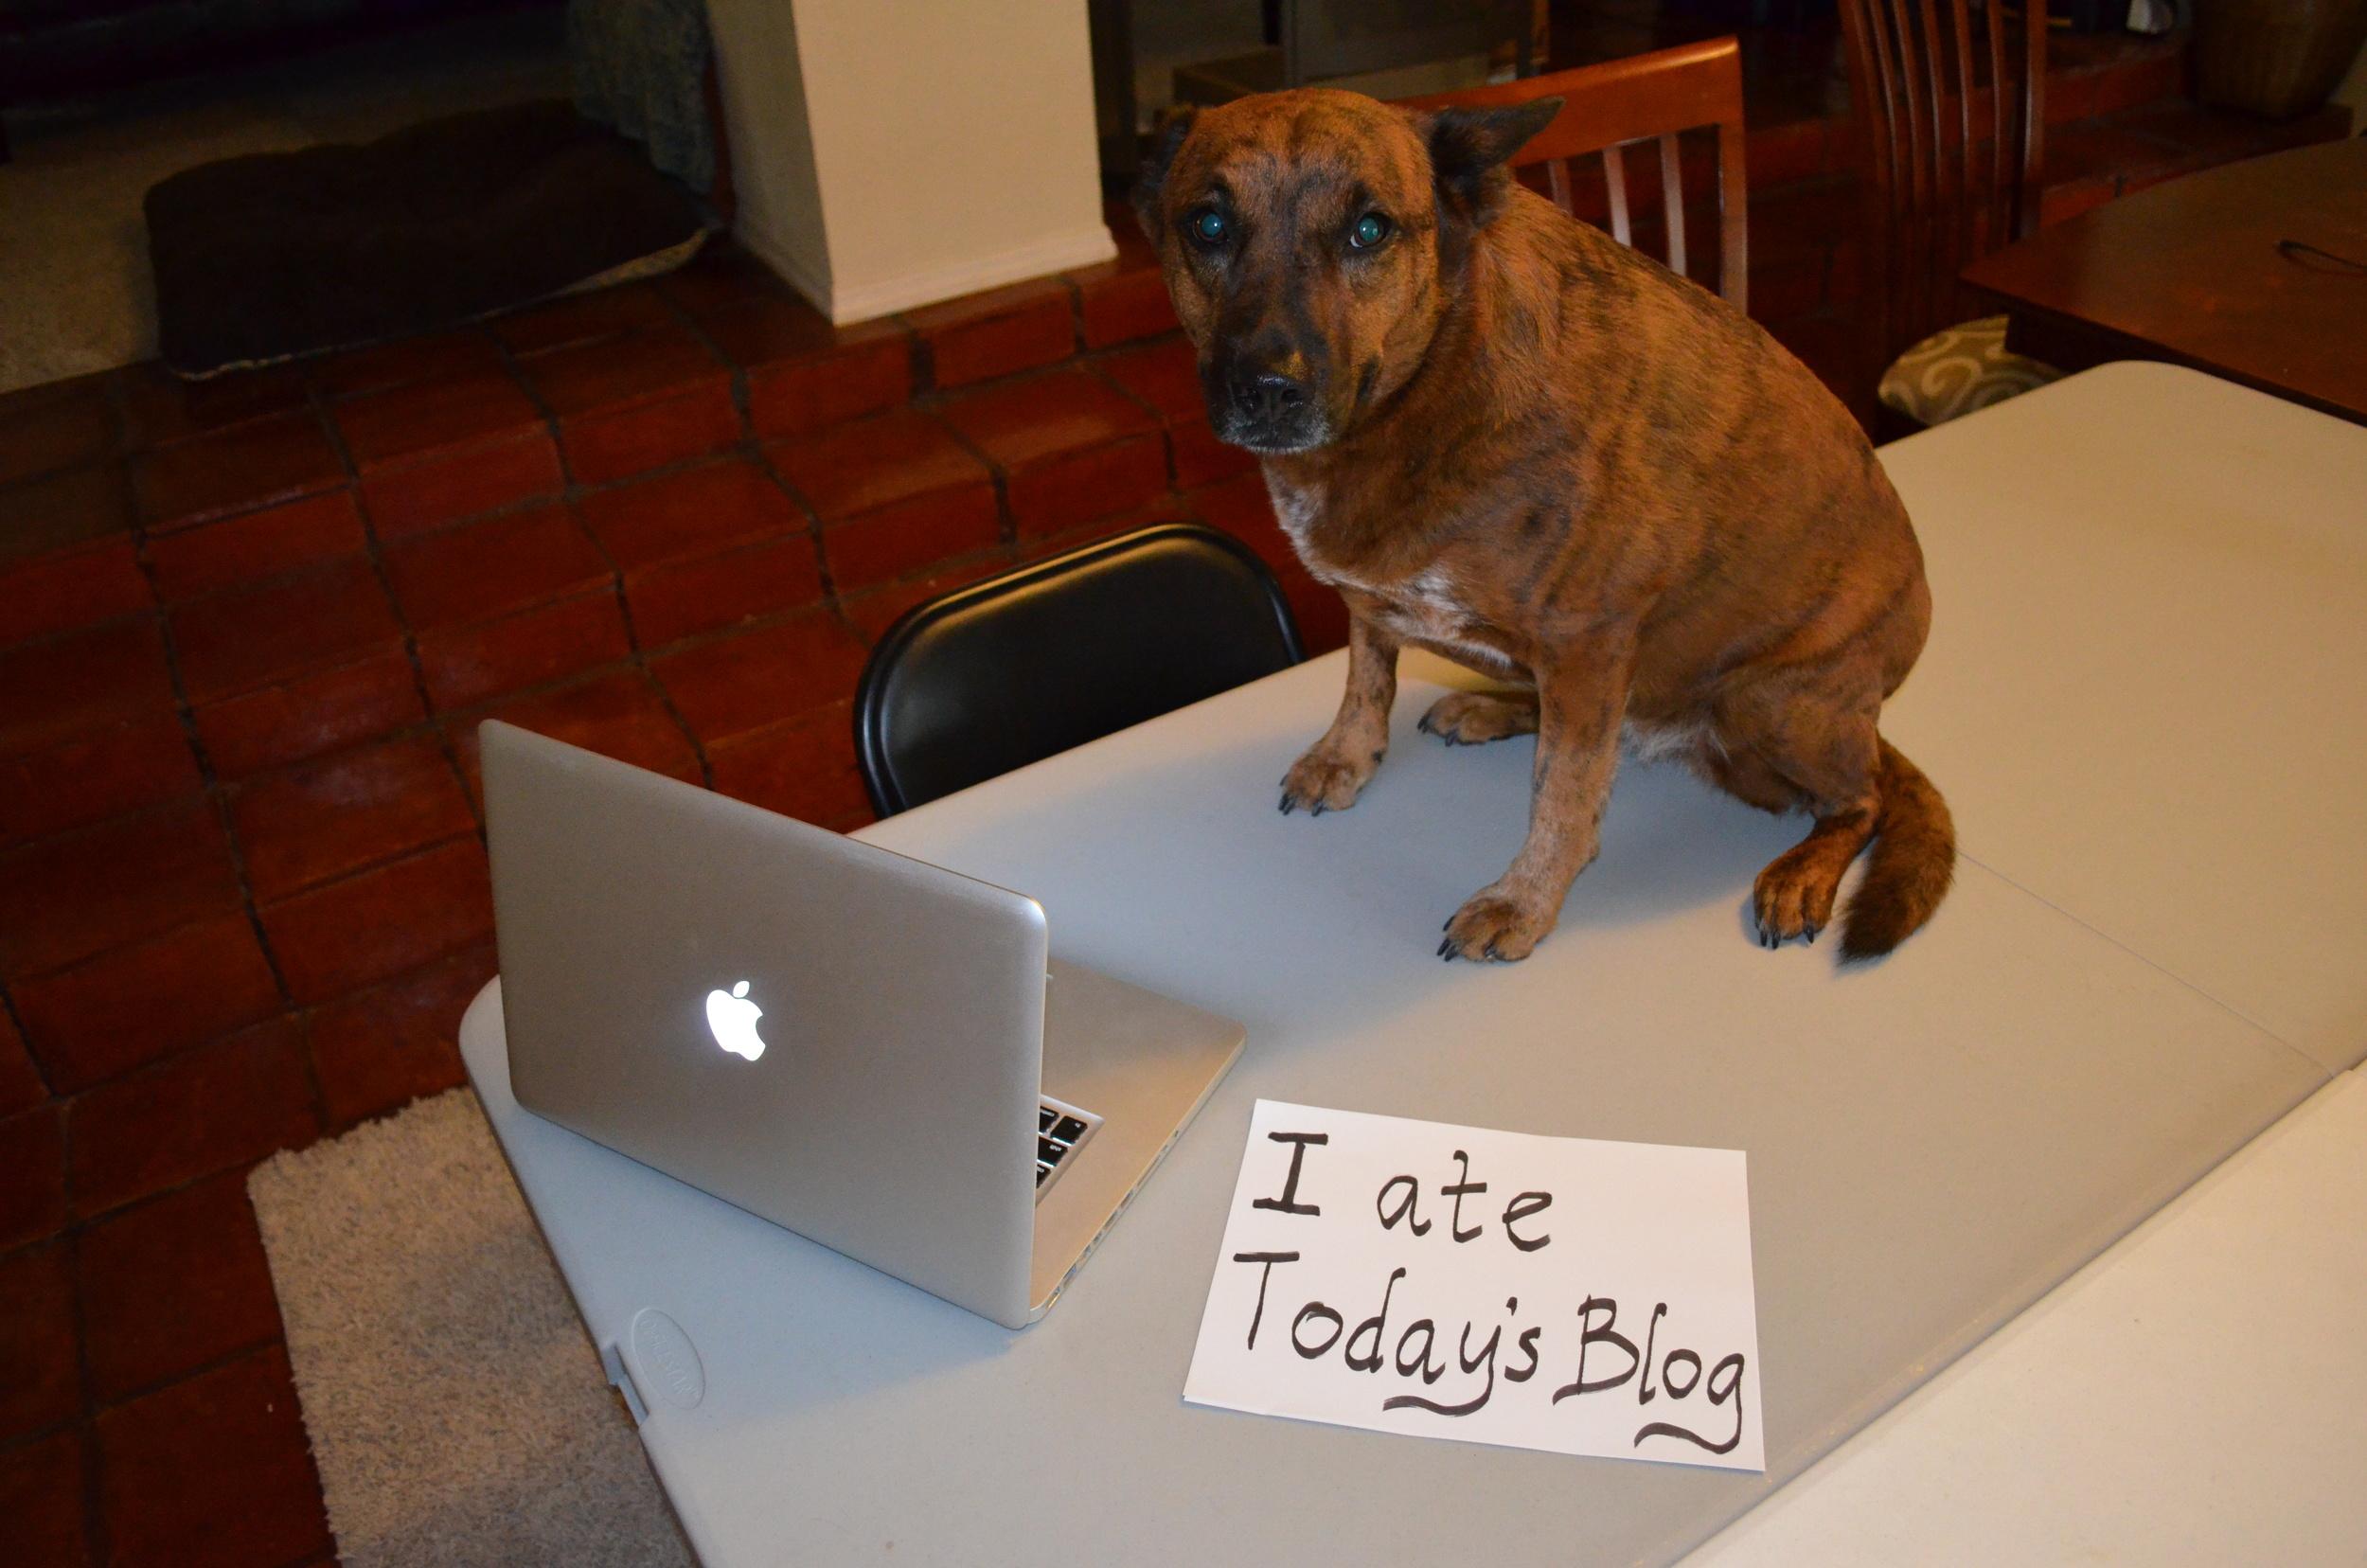 Social media blog shaming